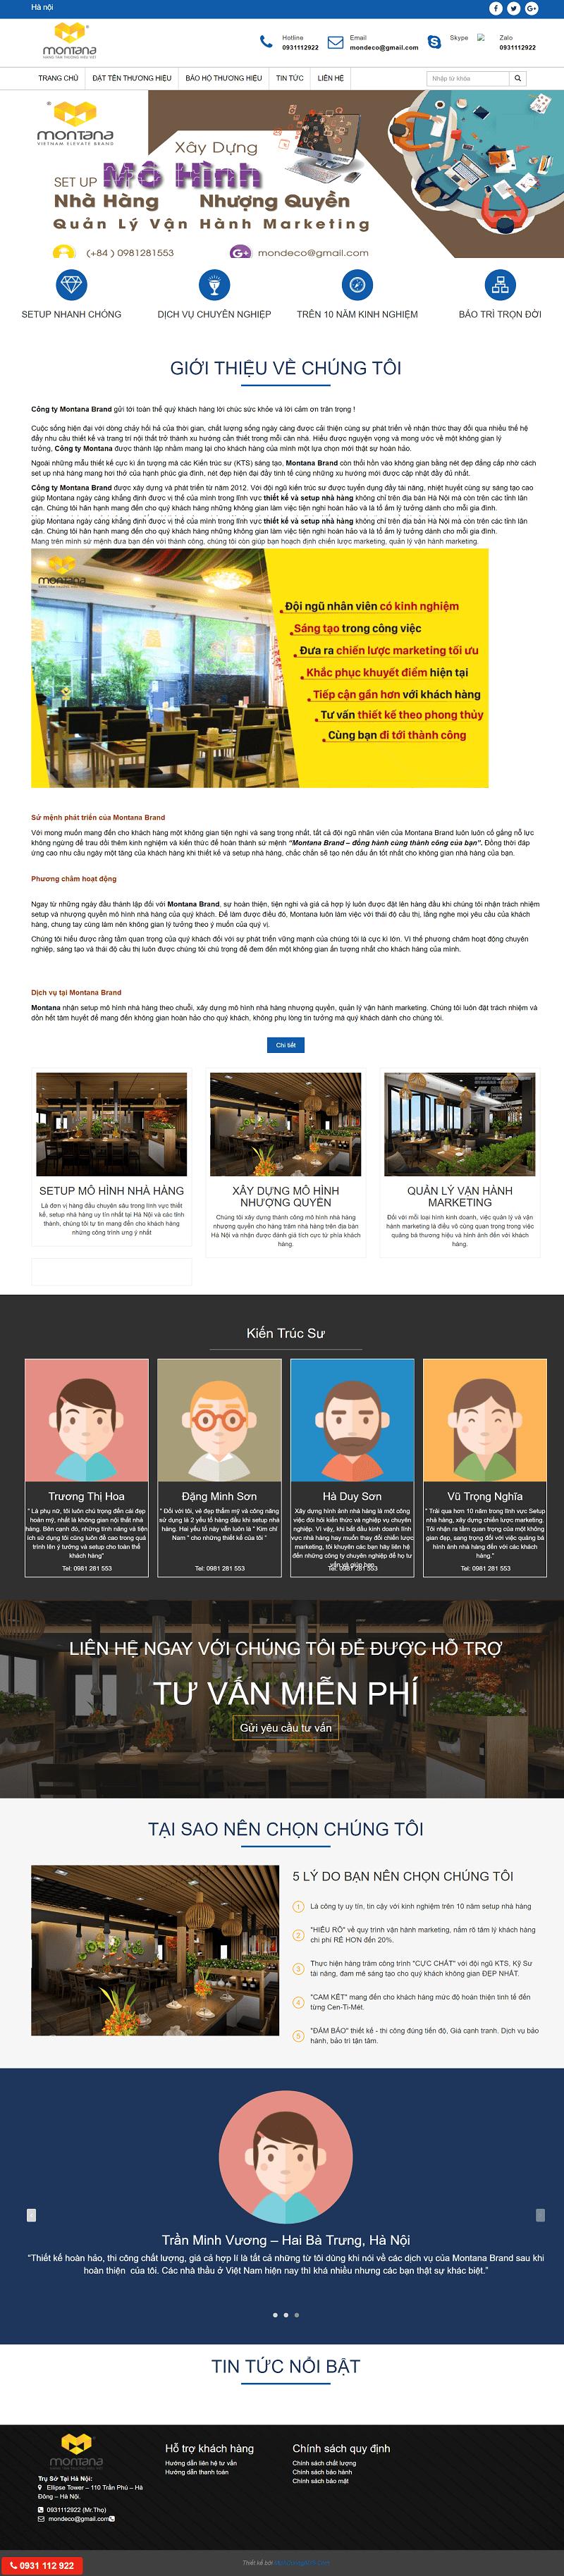 thiết kế website setup mô hình nhà hàng